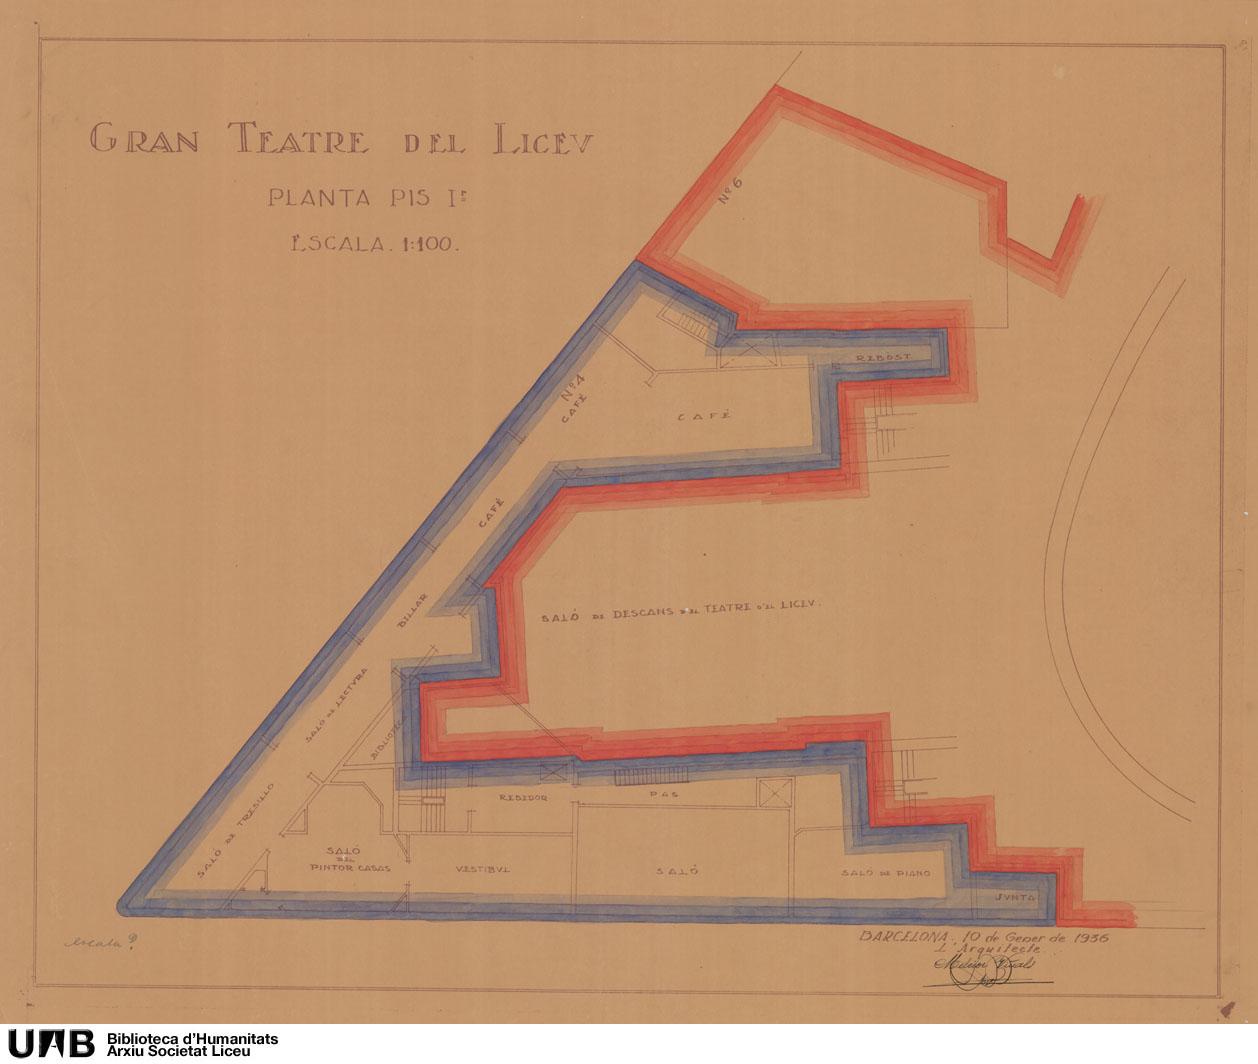 Delimitación de las superficies del Teatro, el Círculo y el Conservatorio : Planta baja, entresuelo, primer, segundo y tercer piso